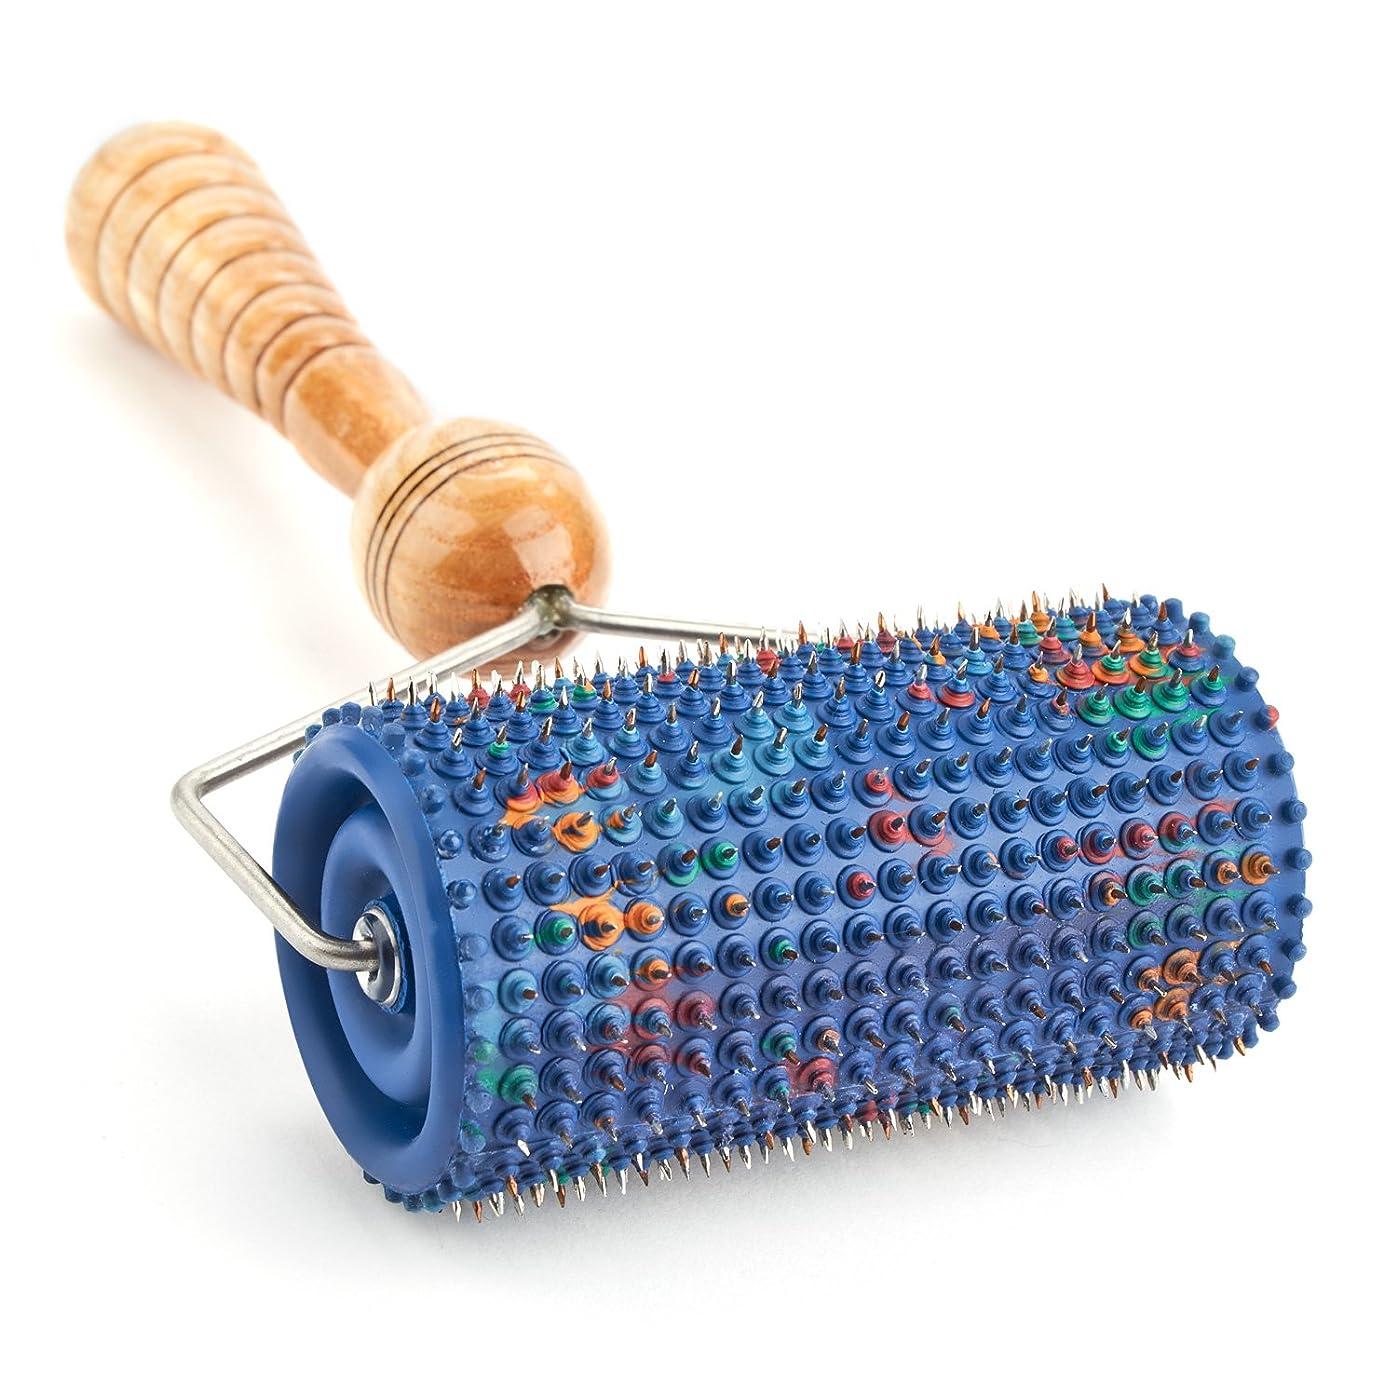 ぎこちない半球取るに足らないLYAPKOビッグローラーマッサージャー5.0 シルバーコーティング 指圧570針使用。体の広範囲のマッサージ用。ユニークなアプリケーター治療 セルフ ダイナミック マッサージ ツール Big Roller Massager Acupuncture Applicator